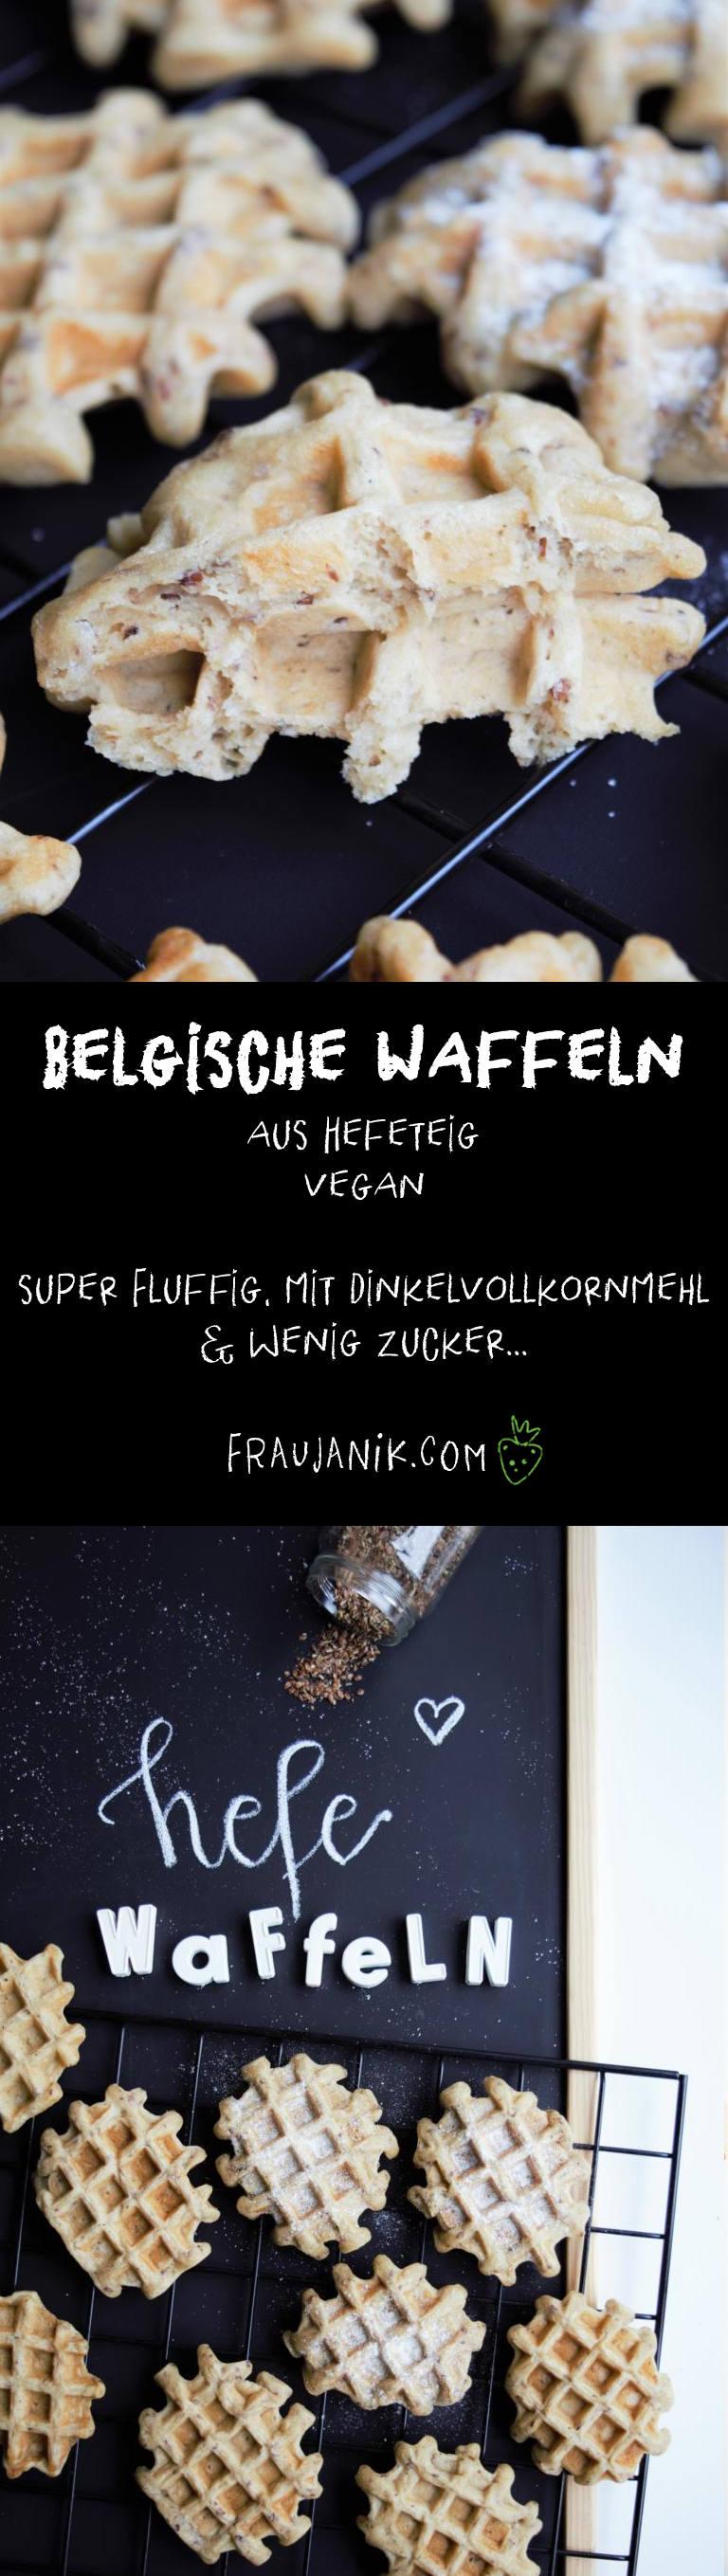 Waffeln Hefe, vegan, Belgische Waffeln